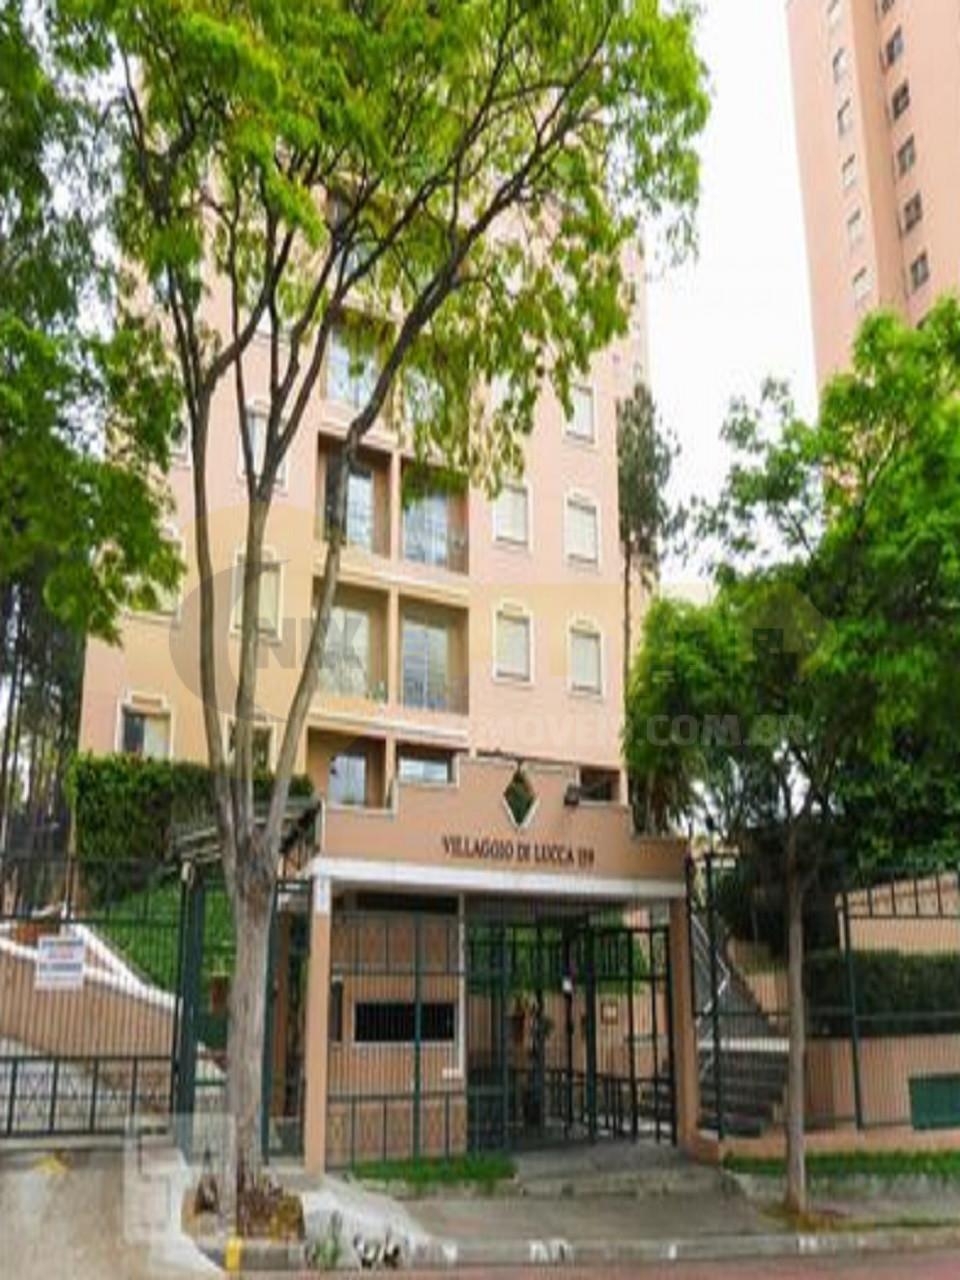 Venda apartamento barato Butanta perto da USP e Corifeu. 64m² 3 quartos, cozinha americana. Edifício com academia, salão de festas e recepção 24 horas!